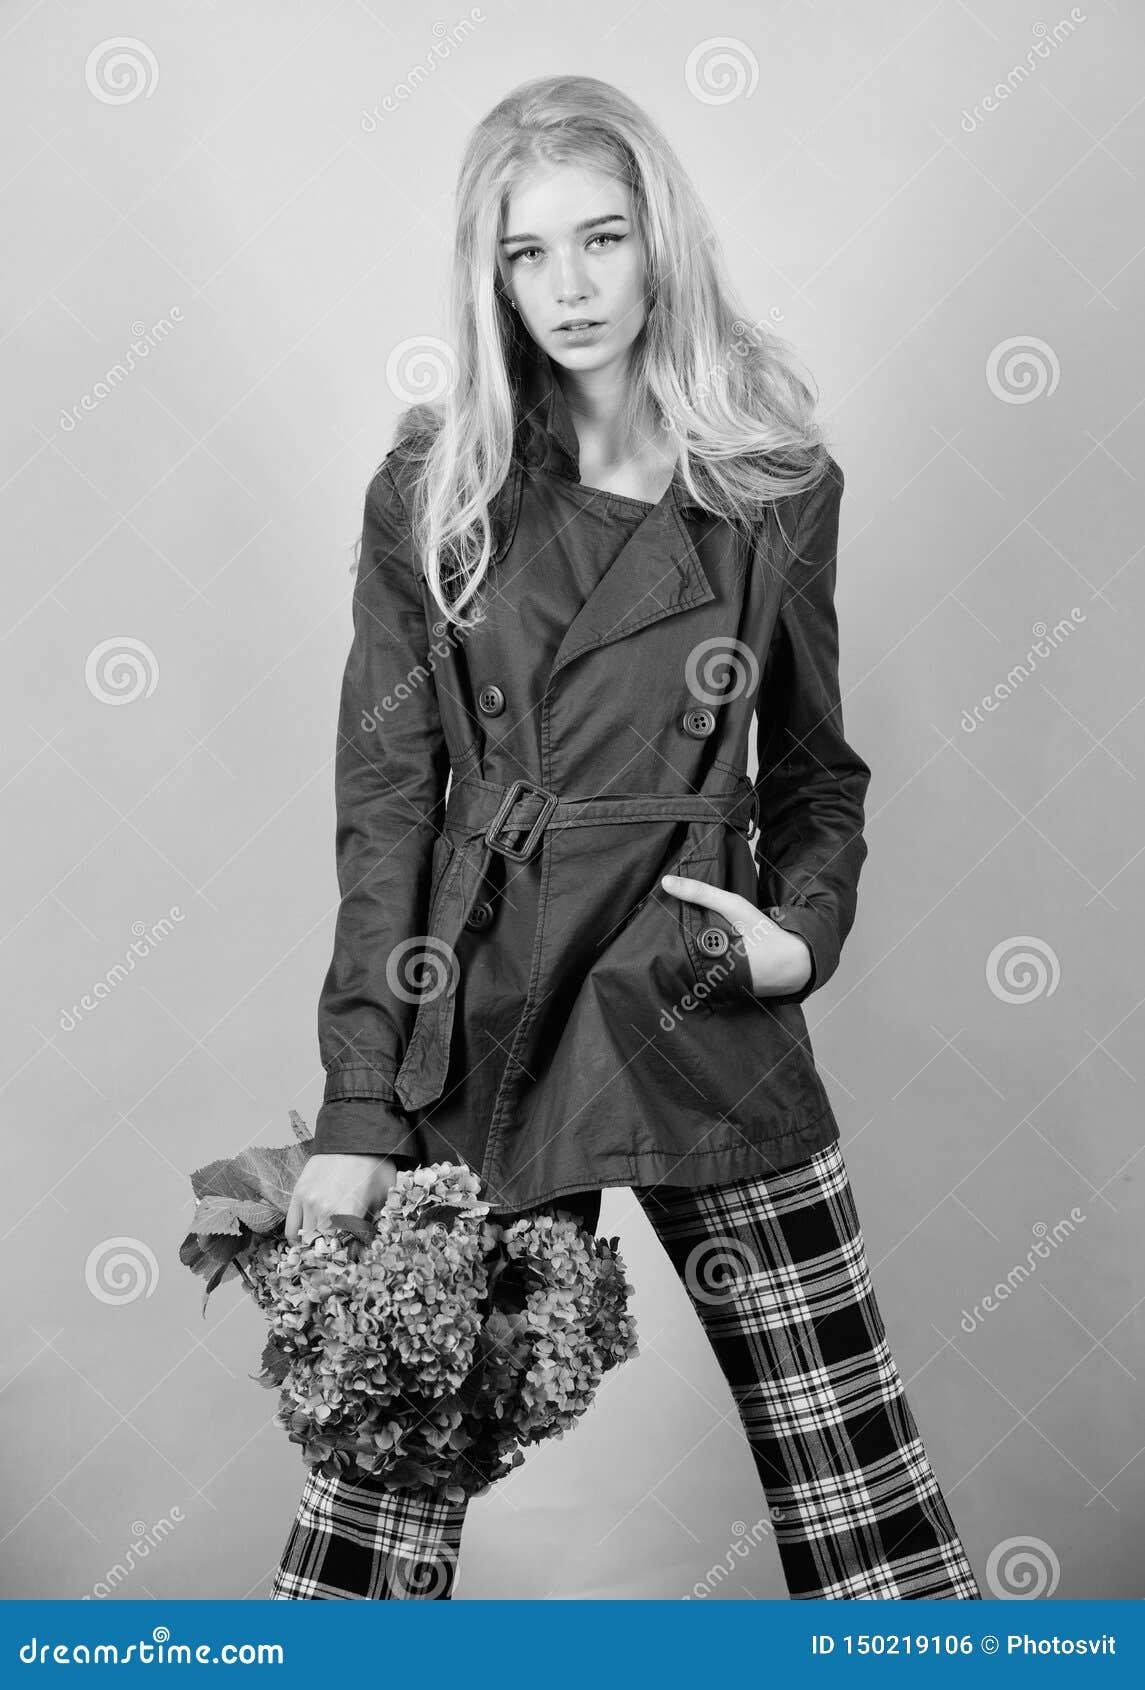 Ropa y accesorio Capa del desgaste del modelo de moda de la muchacha para la estaci?n de la primavera y del oto?o Tendencia de la